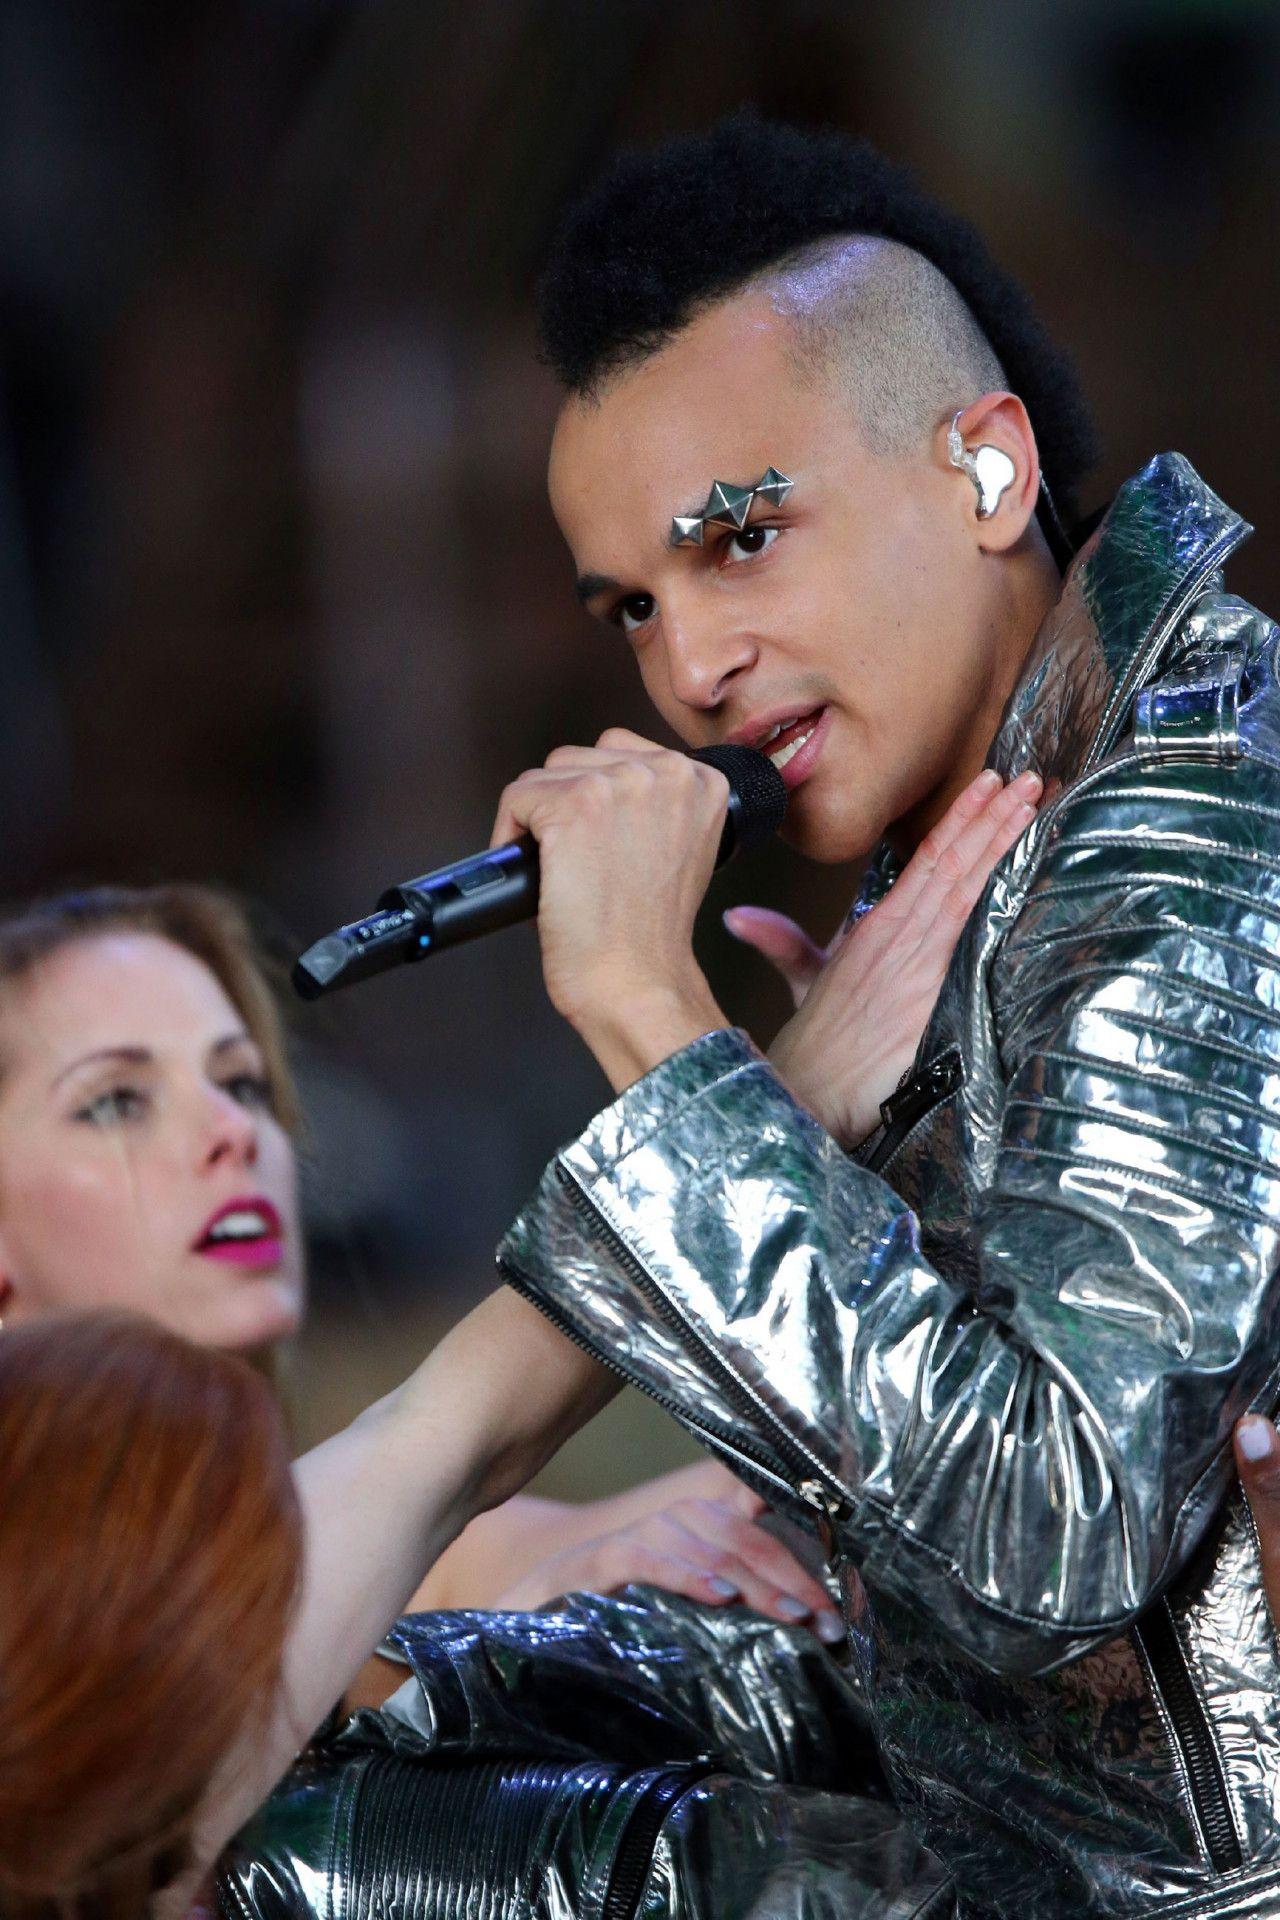 """Prince Damien singt """"Unter meiner Haut"""" von Gestört aber GeiL & Koby Funk feat. Wincent Weiss."""